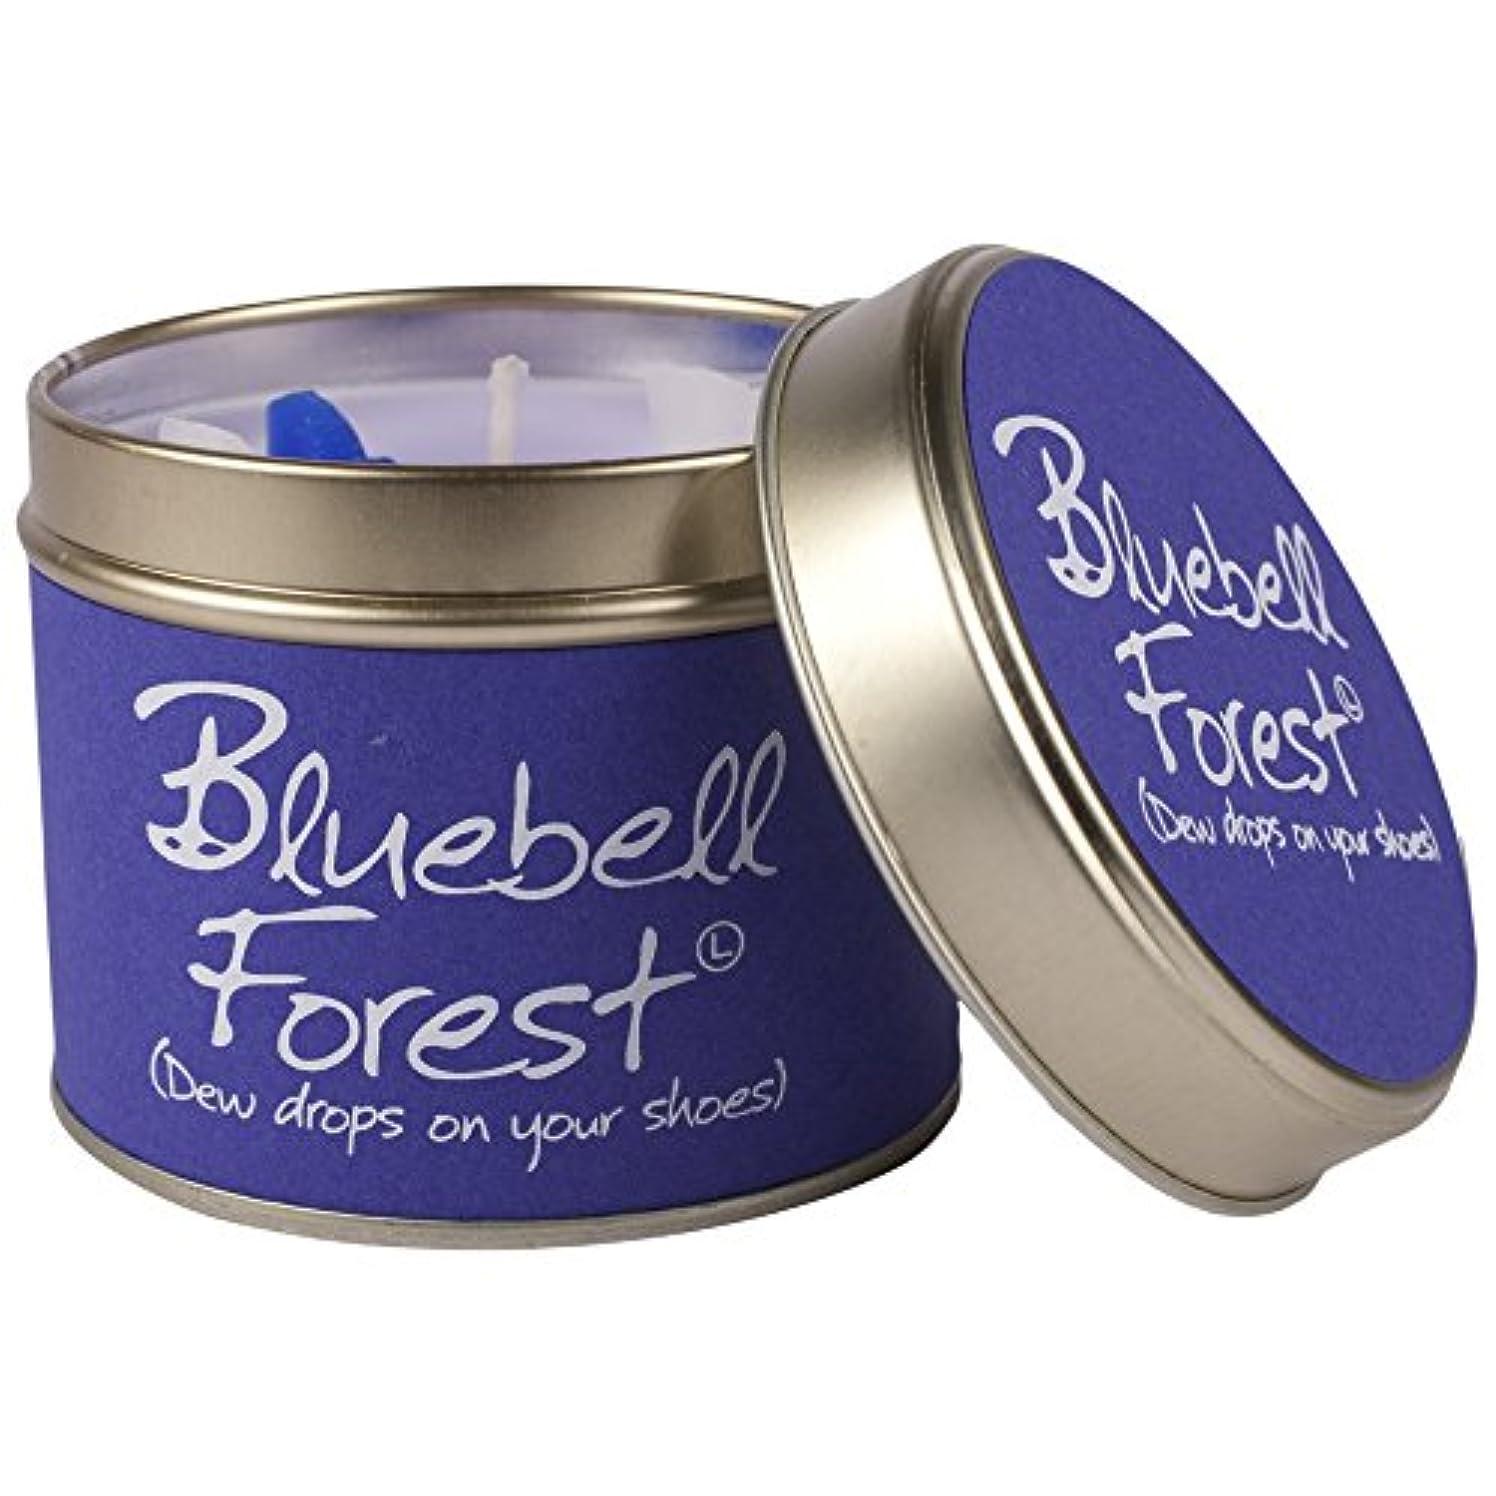 距離グリットバルセロナLily- Flame Scented Candle in a Tin Bluebell Forest (Pack of 2) - スズブルーベルの森でLily-炎香りのキャンドル (Lily-Flame) (x2) [...